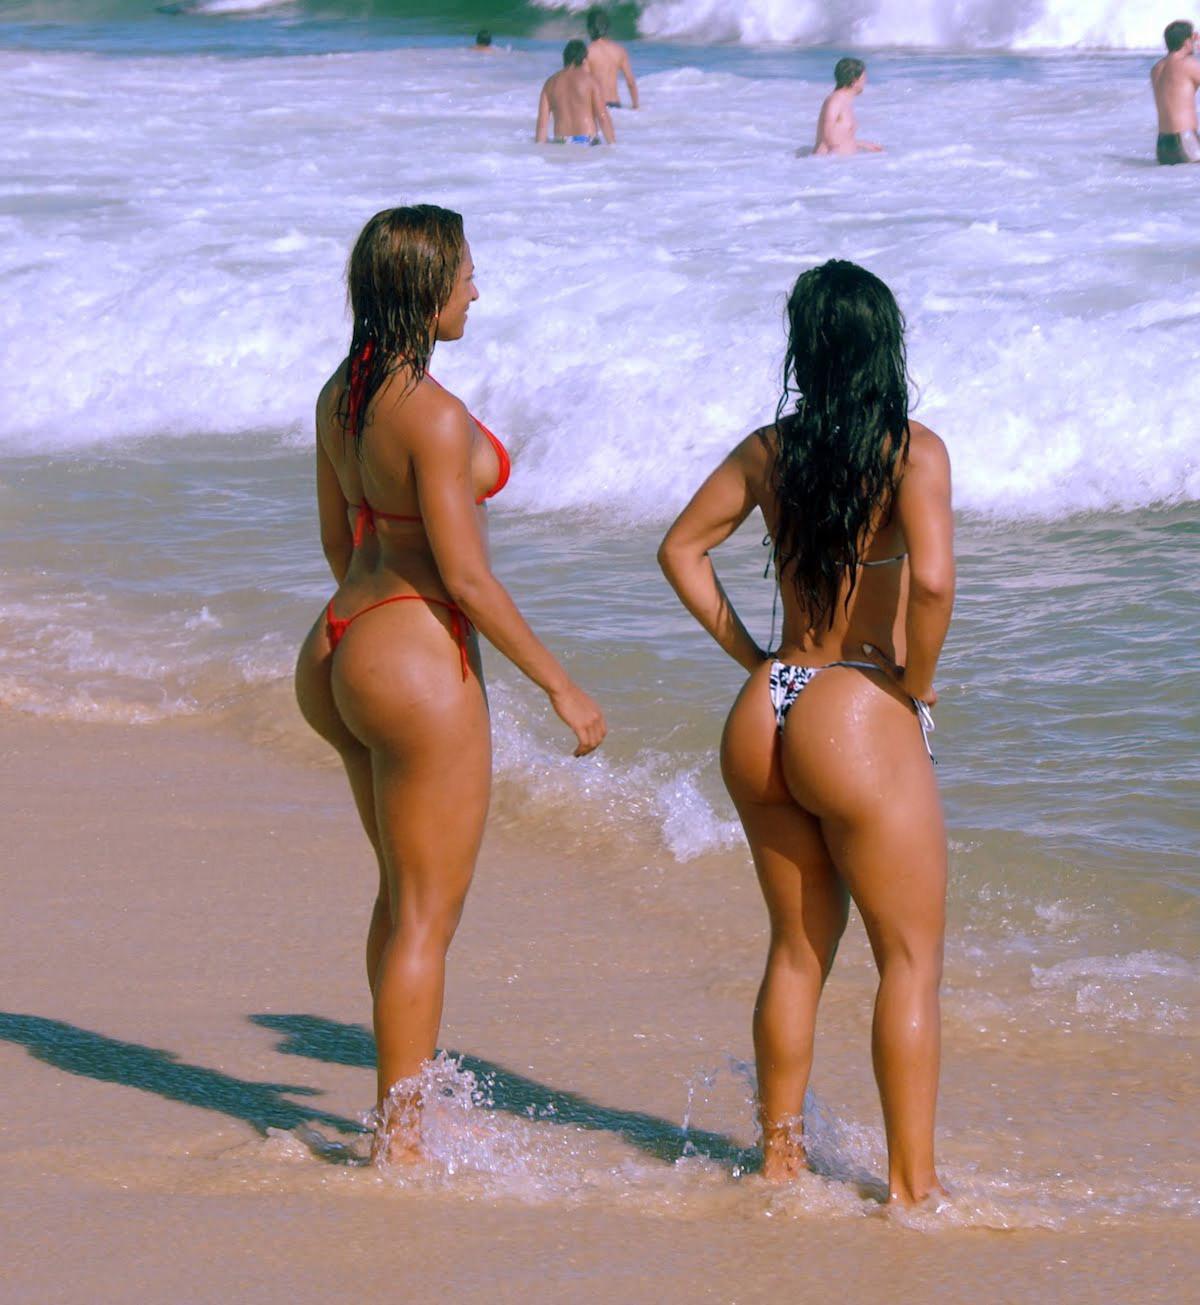 всегда одевает бразильские девушки большие попки на пляже малышки стоячие